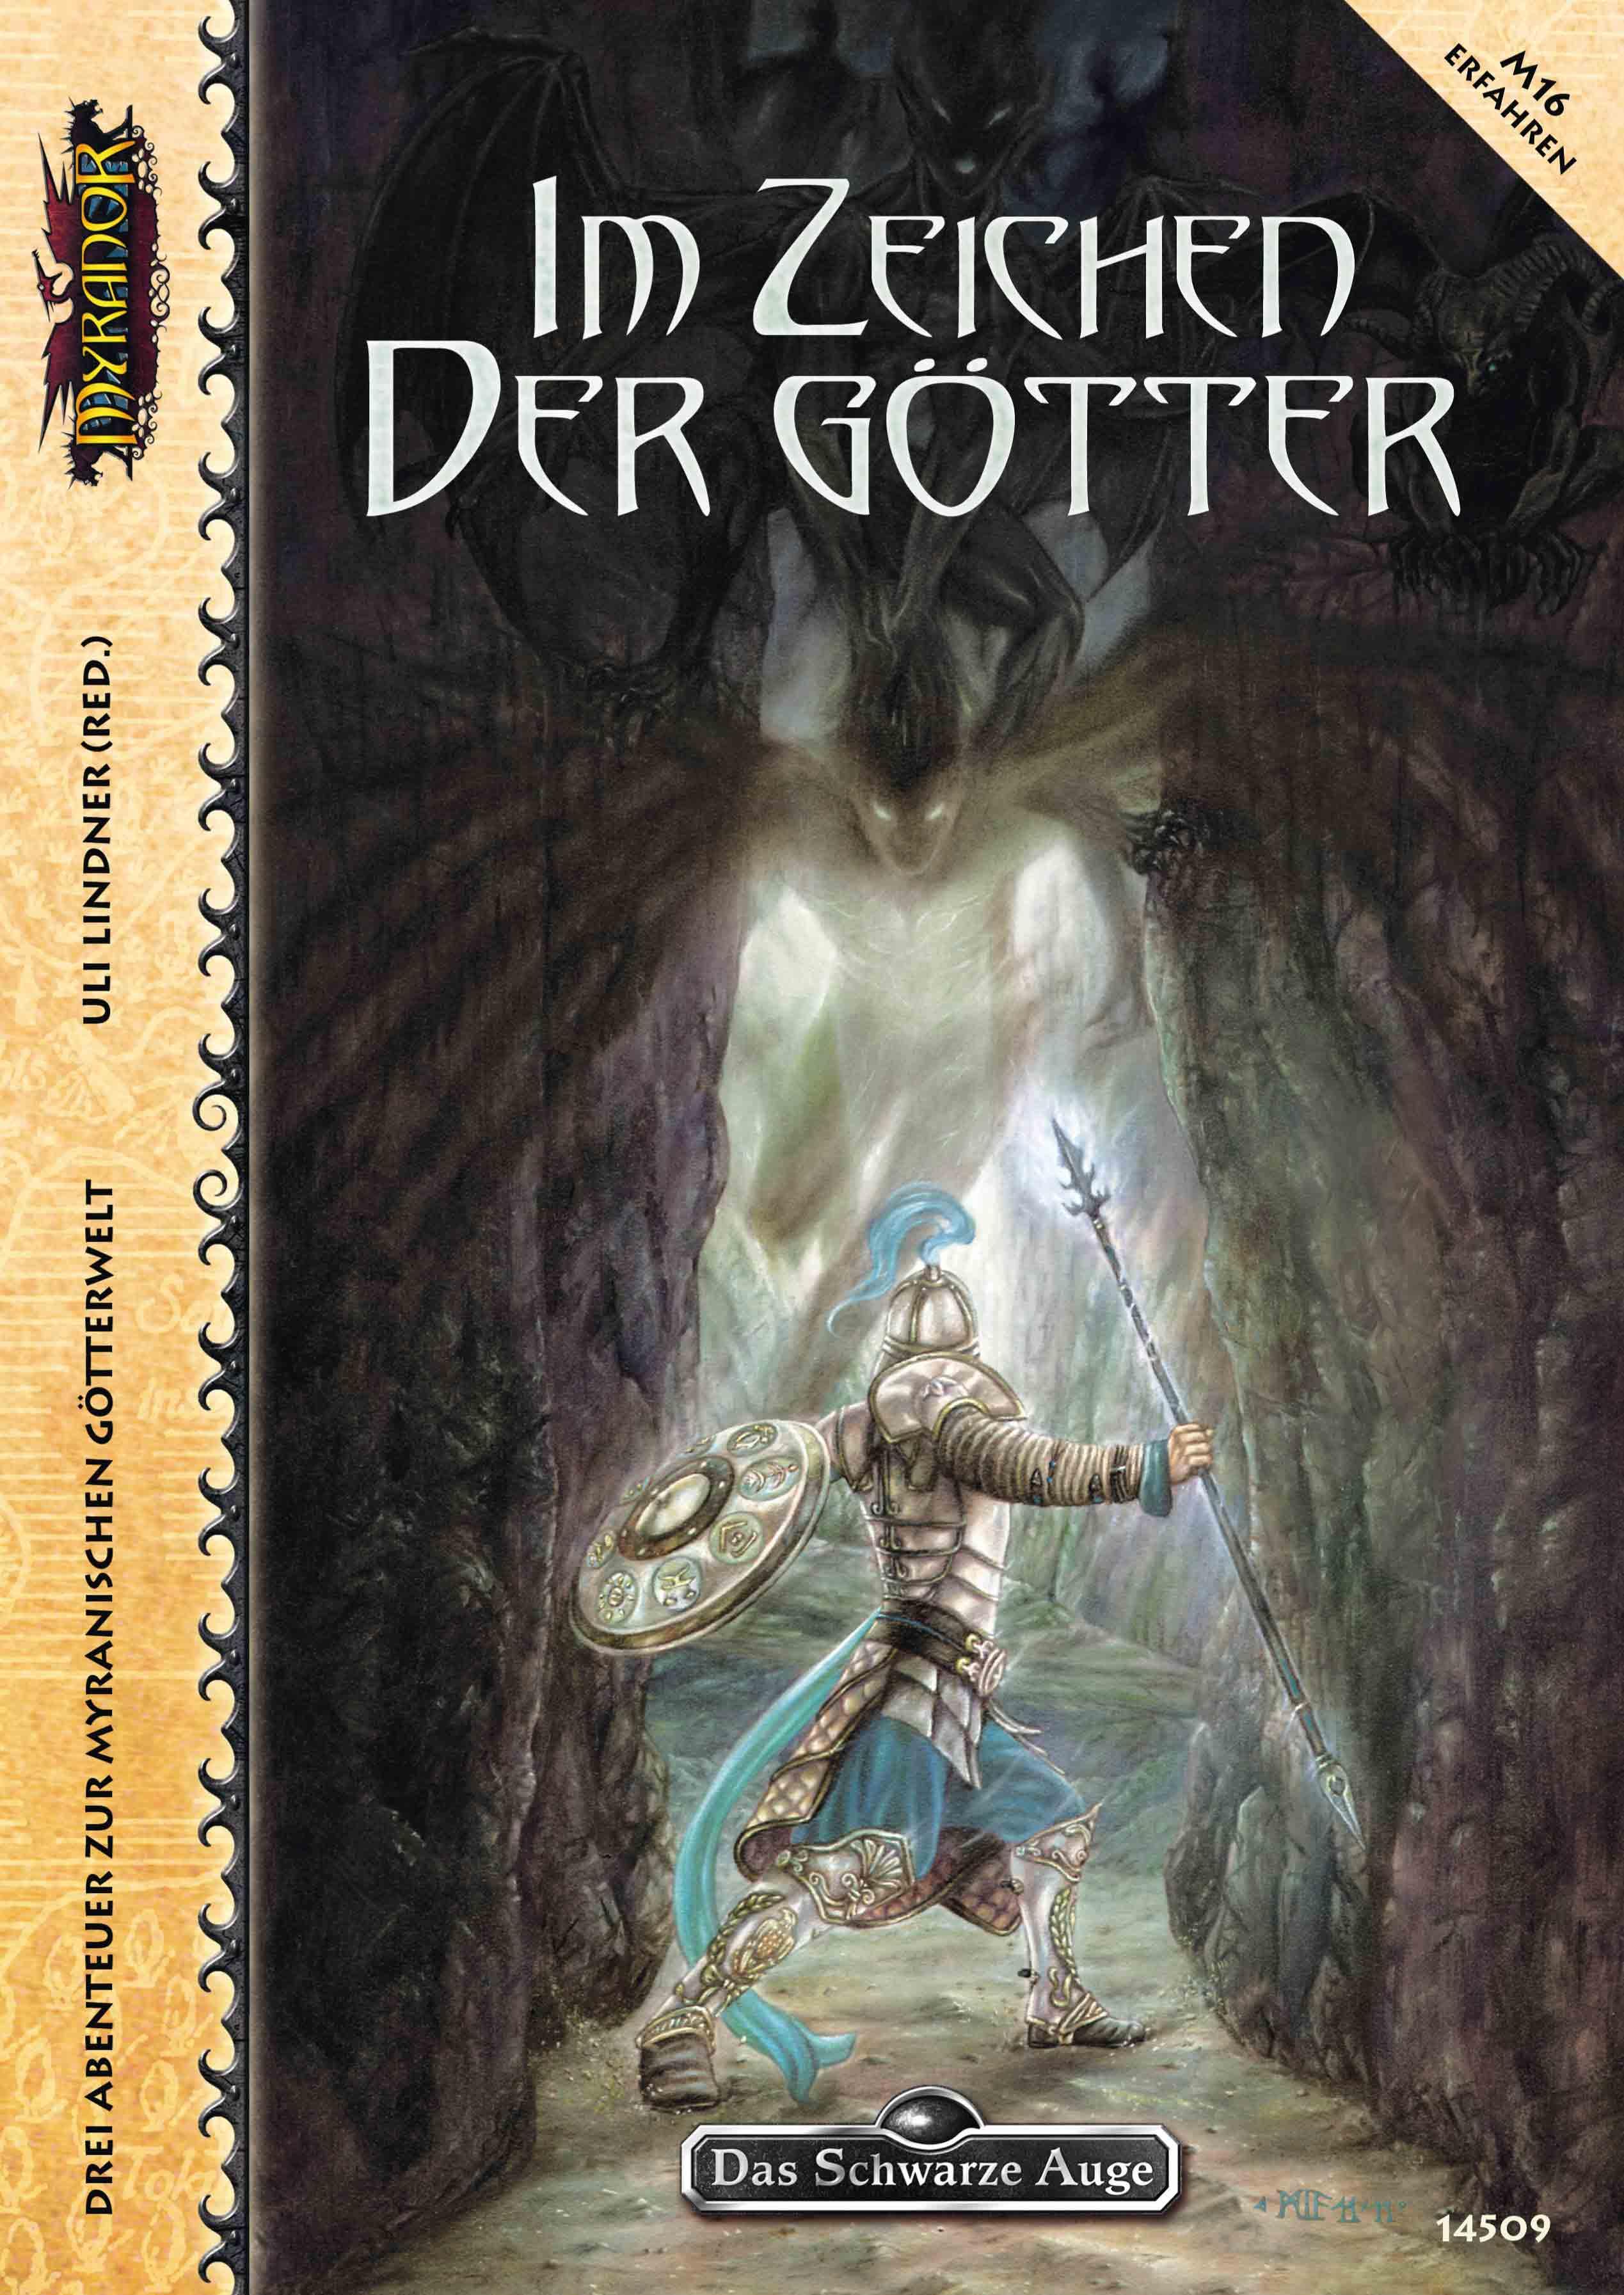 Licht vs. Dunkel - es wird episch! (2012)